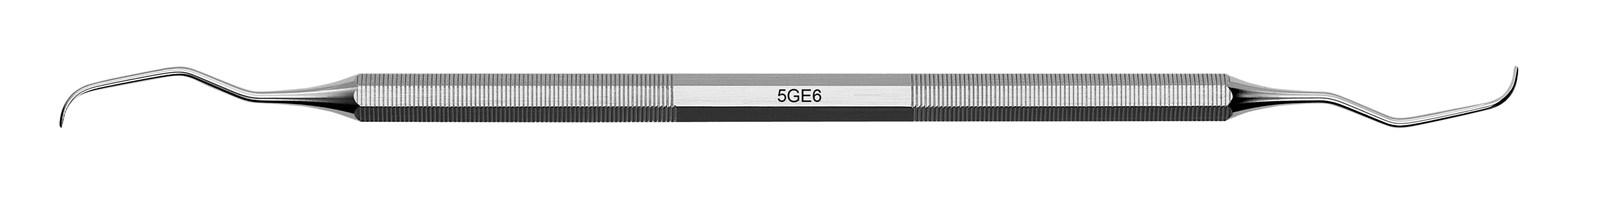 Kyreta Gracey Classic - 5GE6, ADEP silikonový návlek červený